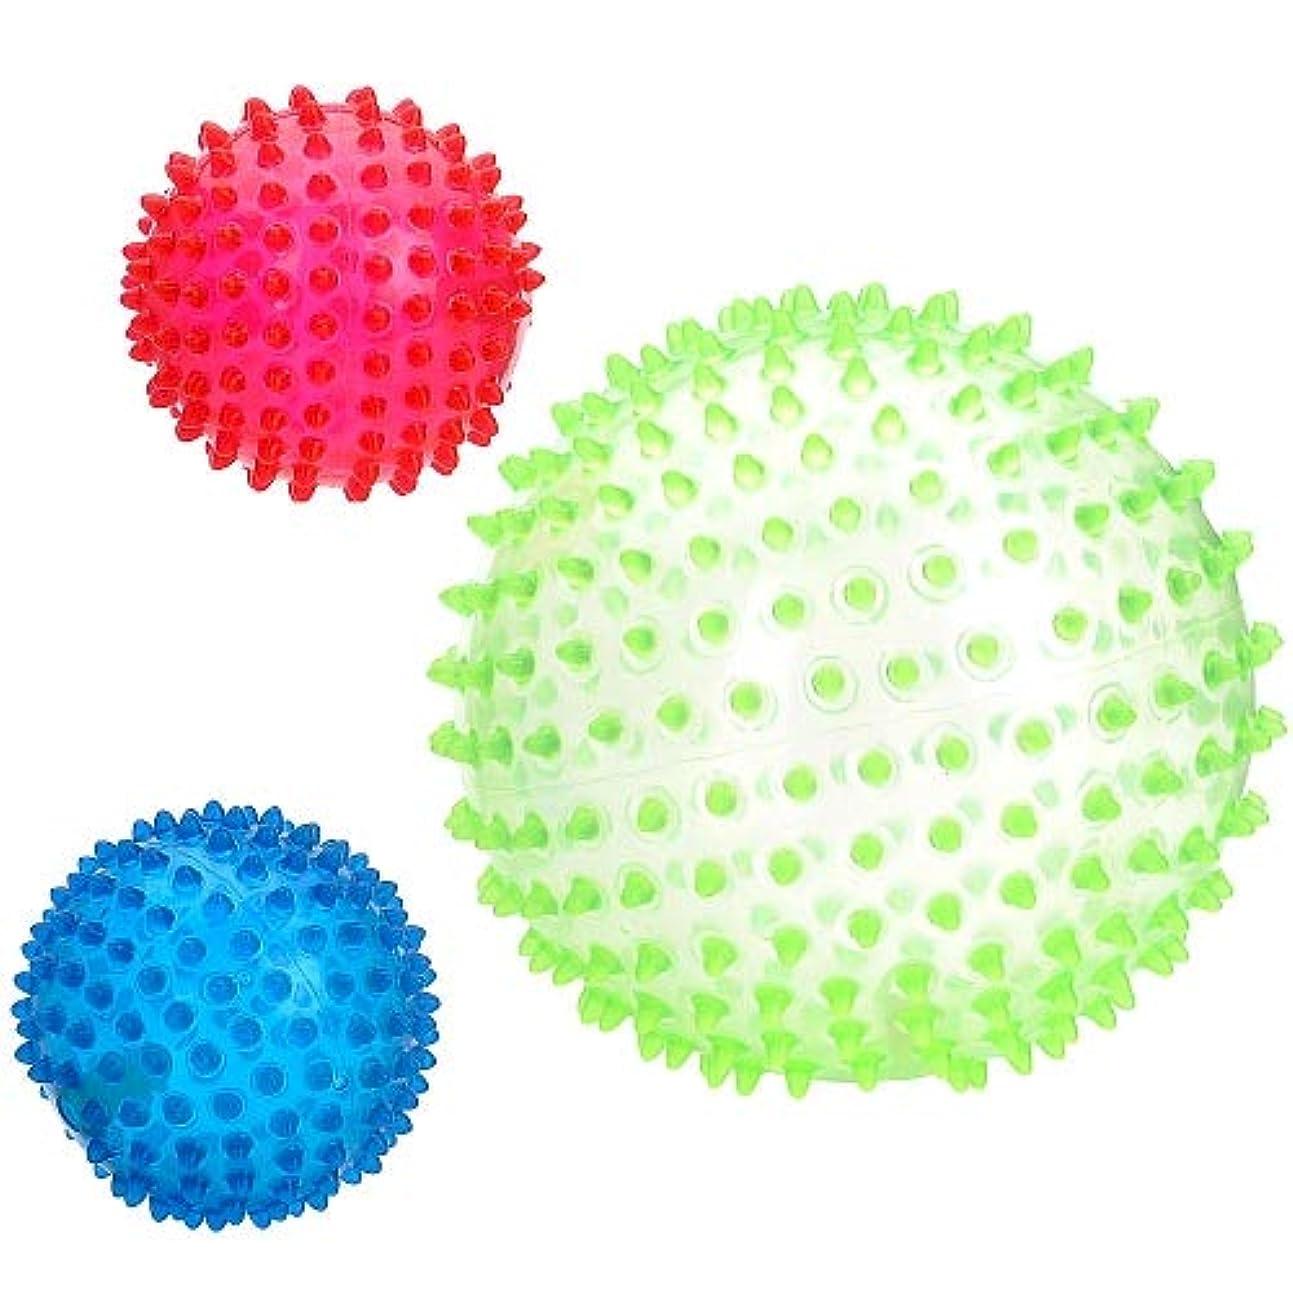 肩をすくめる散文闇Infinity Creations イマジナリウムセンサリーボール 3個パック (グリーン、レッド、ブルー) (玩具「R」US限定)